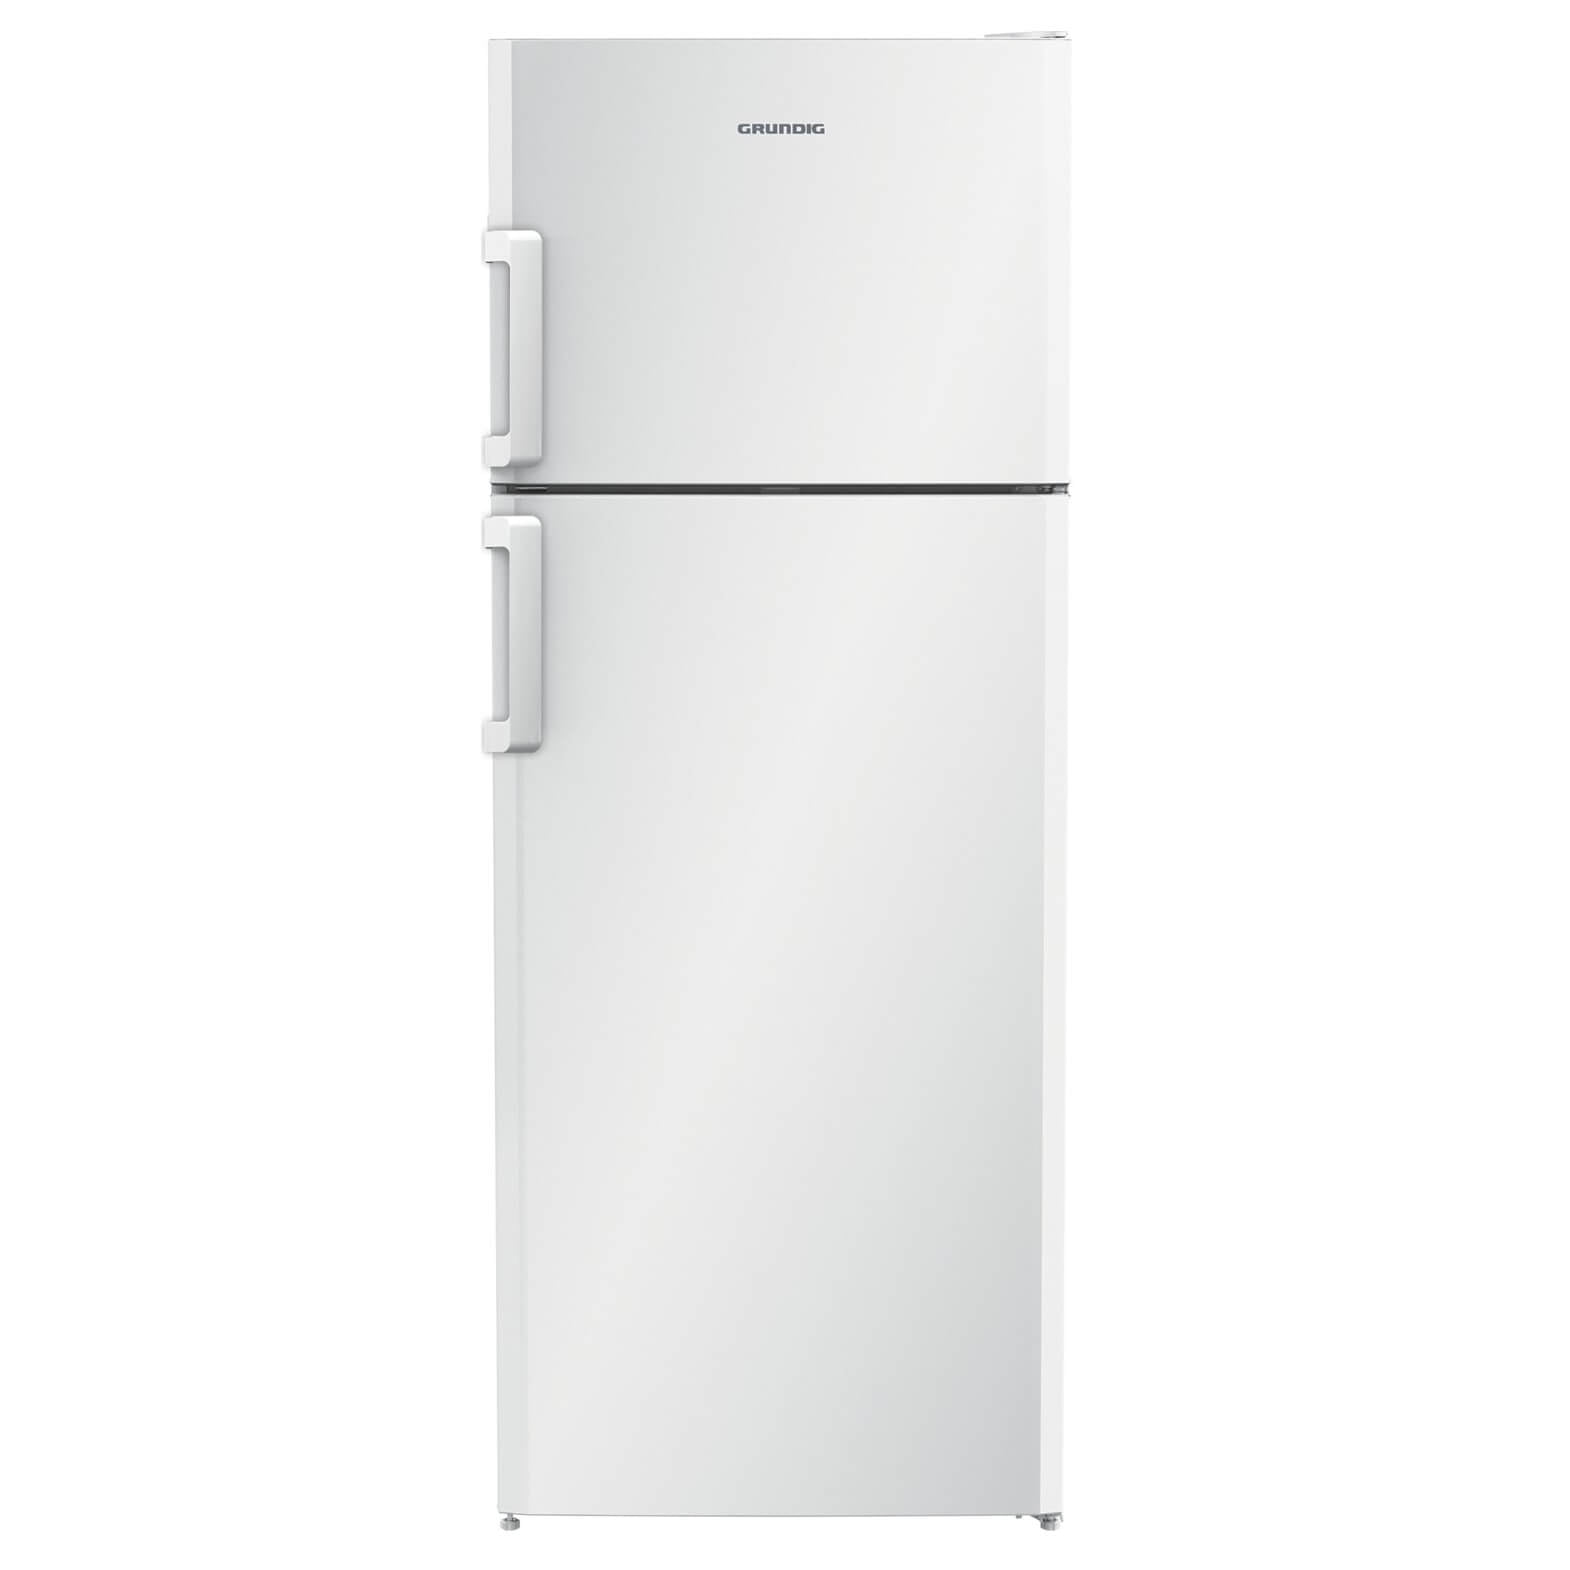 Grundig GRNE 5050 buzdolabi